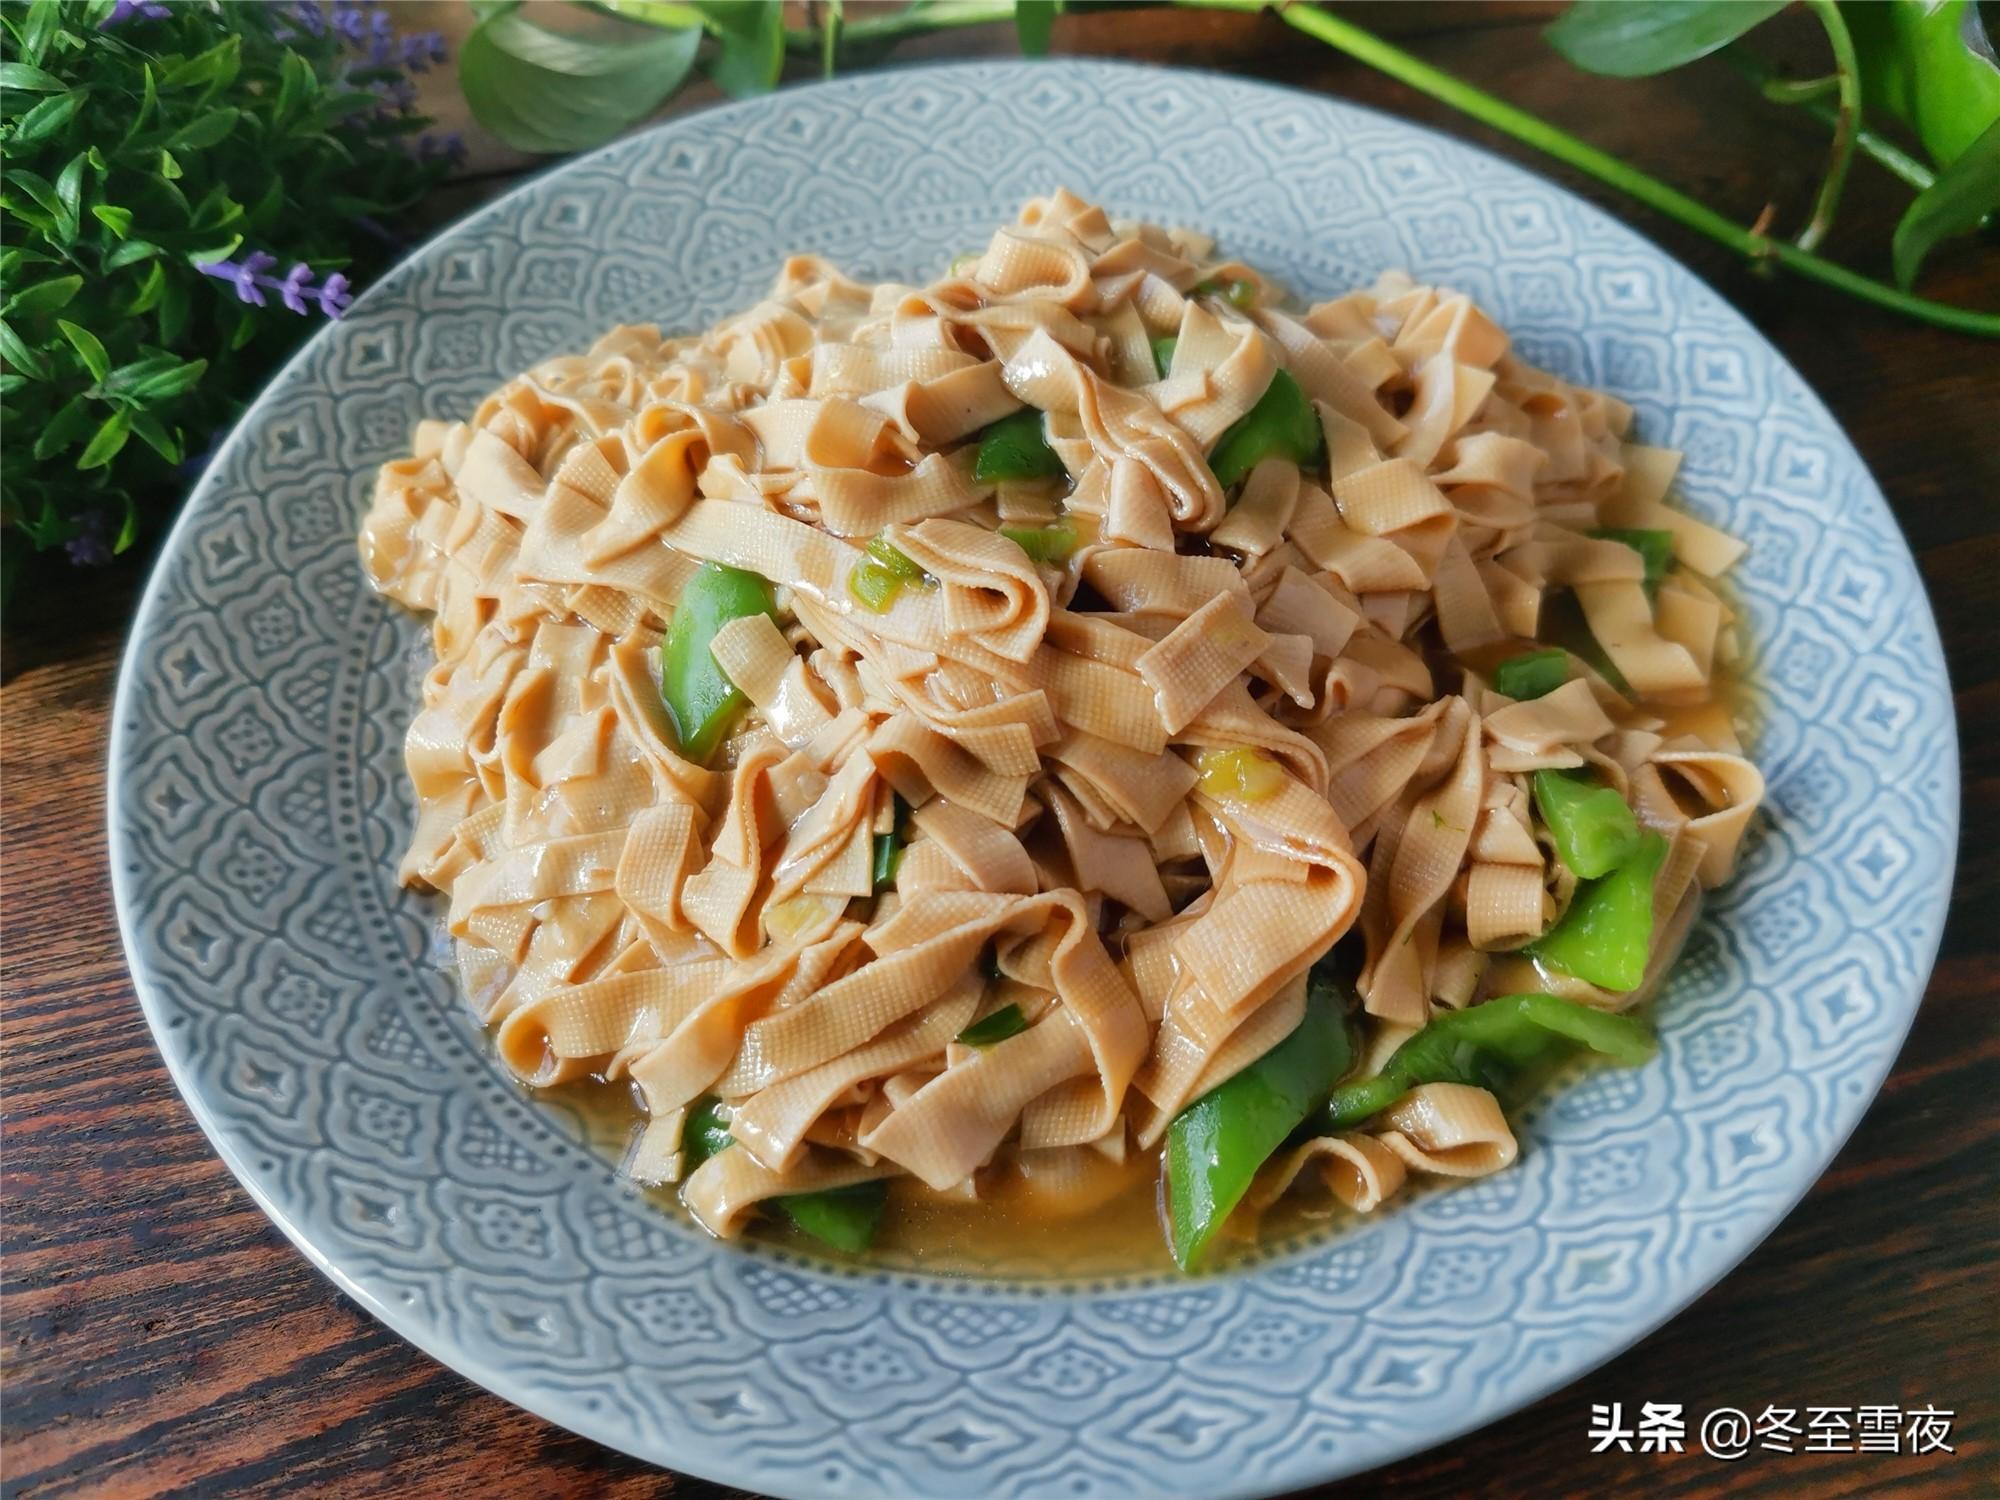 冬季,东北人最稀罕吃的14道家常菜,都是东北味儿,家常又好吃 东北菜谱 第4张